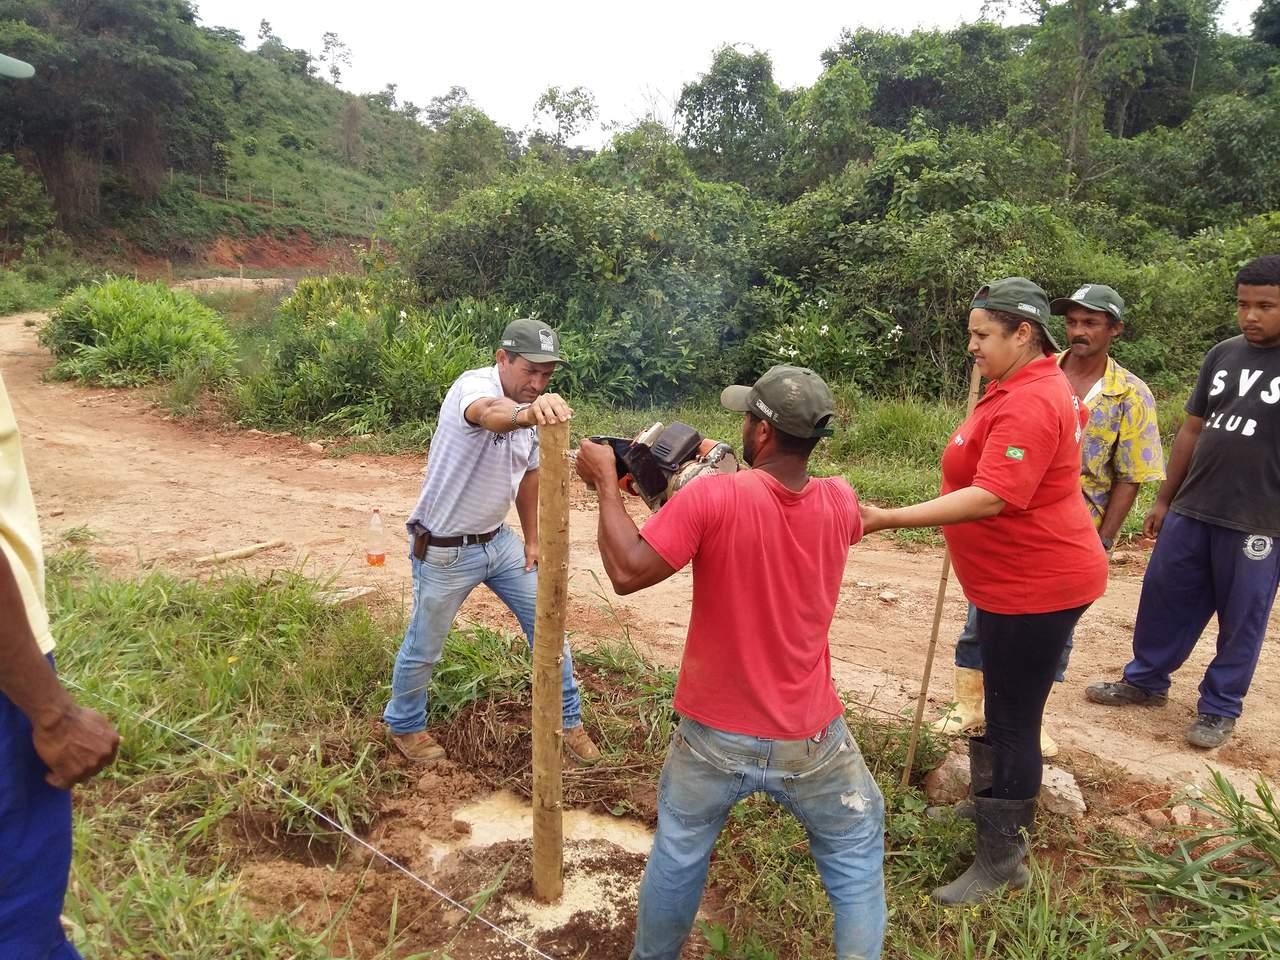 Curso de Cerqueiro, Construção de Cerca de Arrame liso e farpado, Realizado pelo SENAR-MG em Parceria com a Prefeitura Municipal de Rio Vermelho